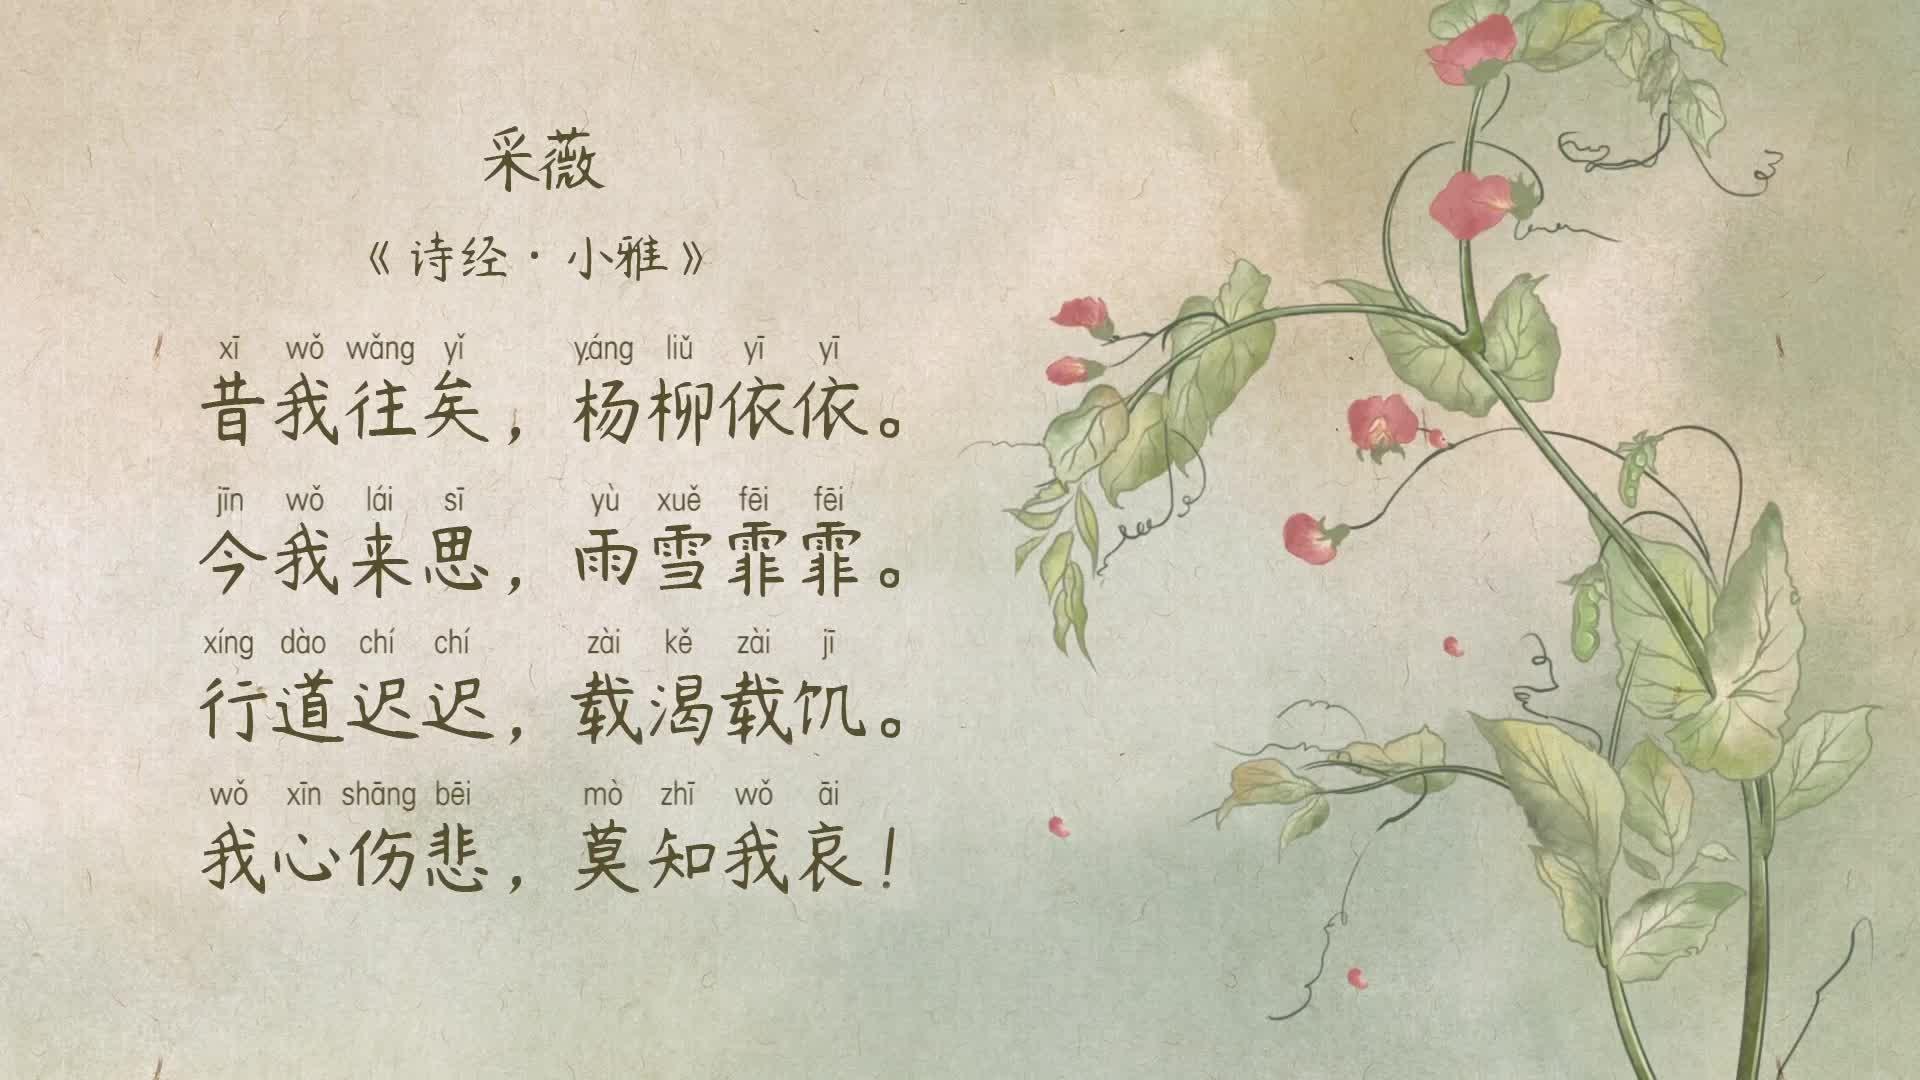 《小学古诗》112采薇-《诗经·小雅》